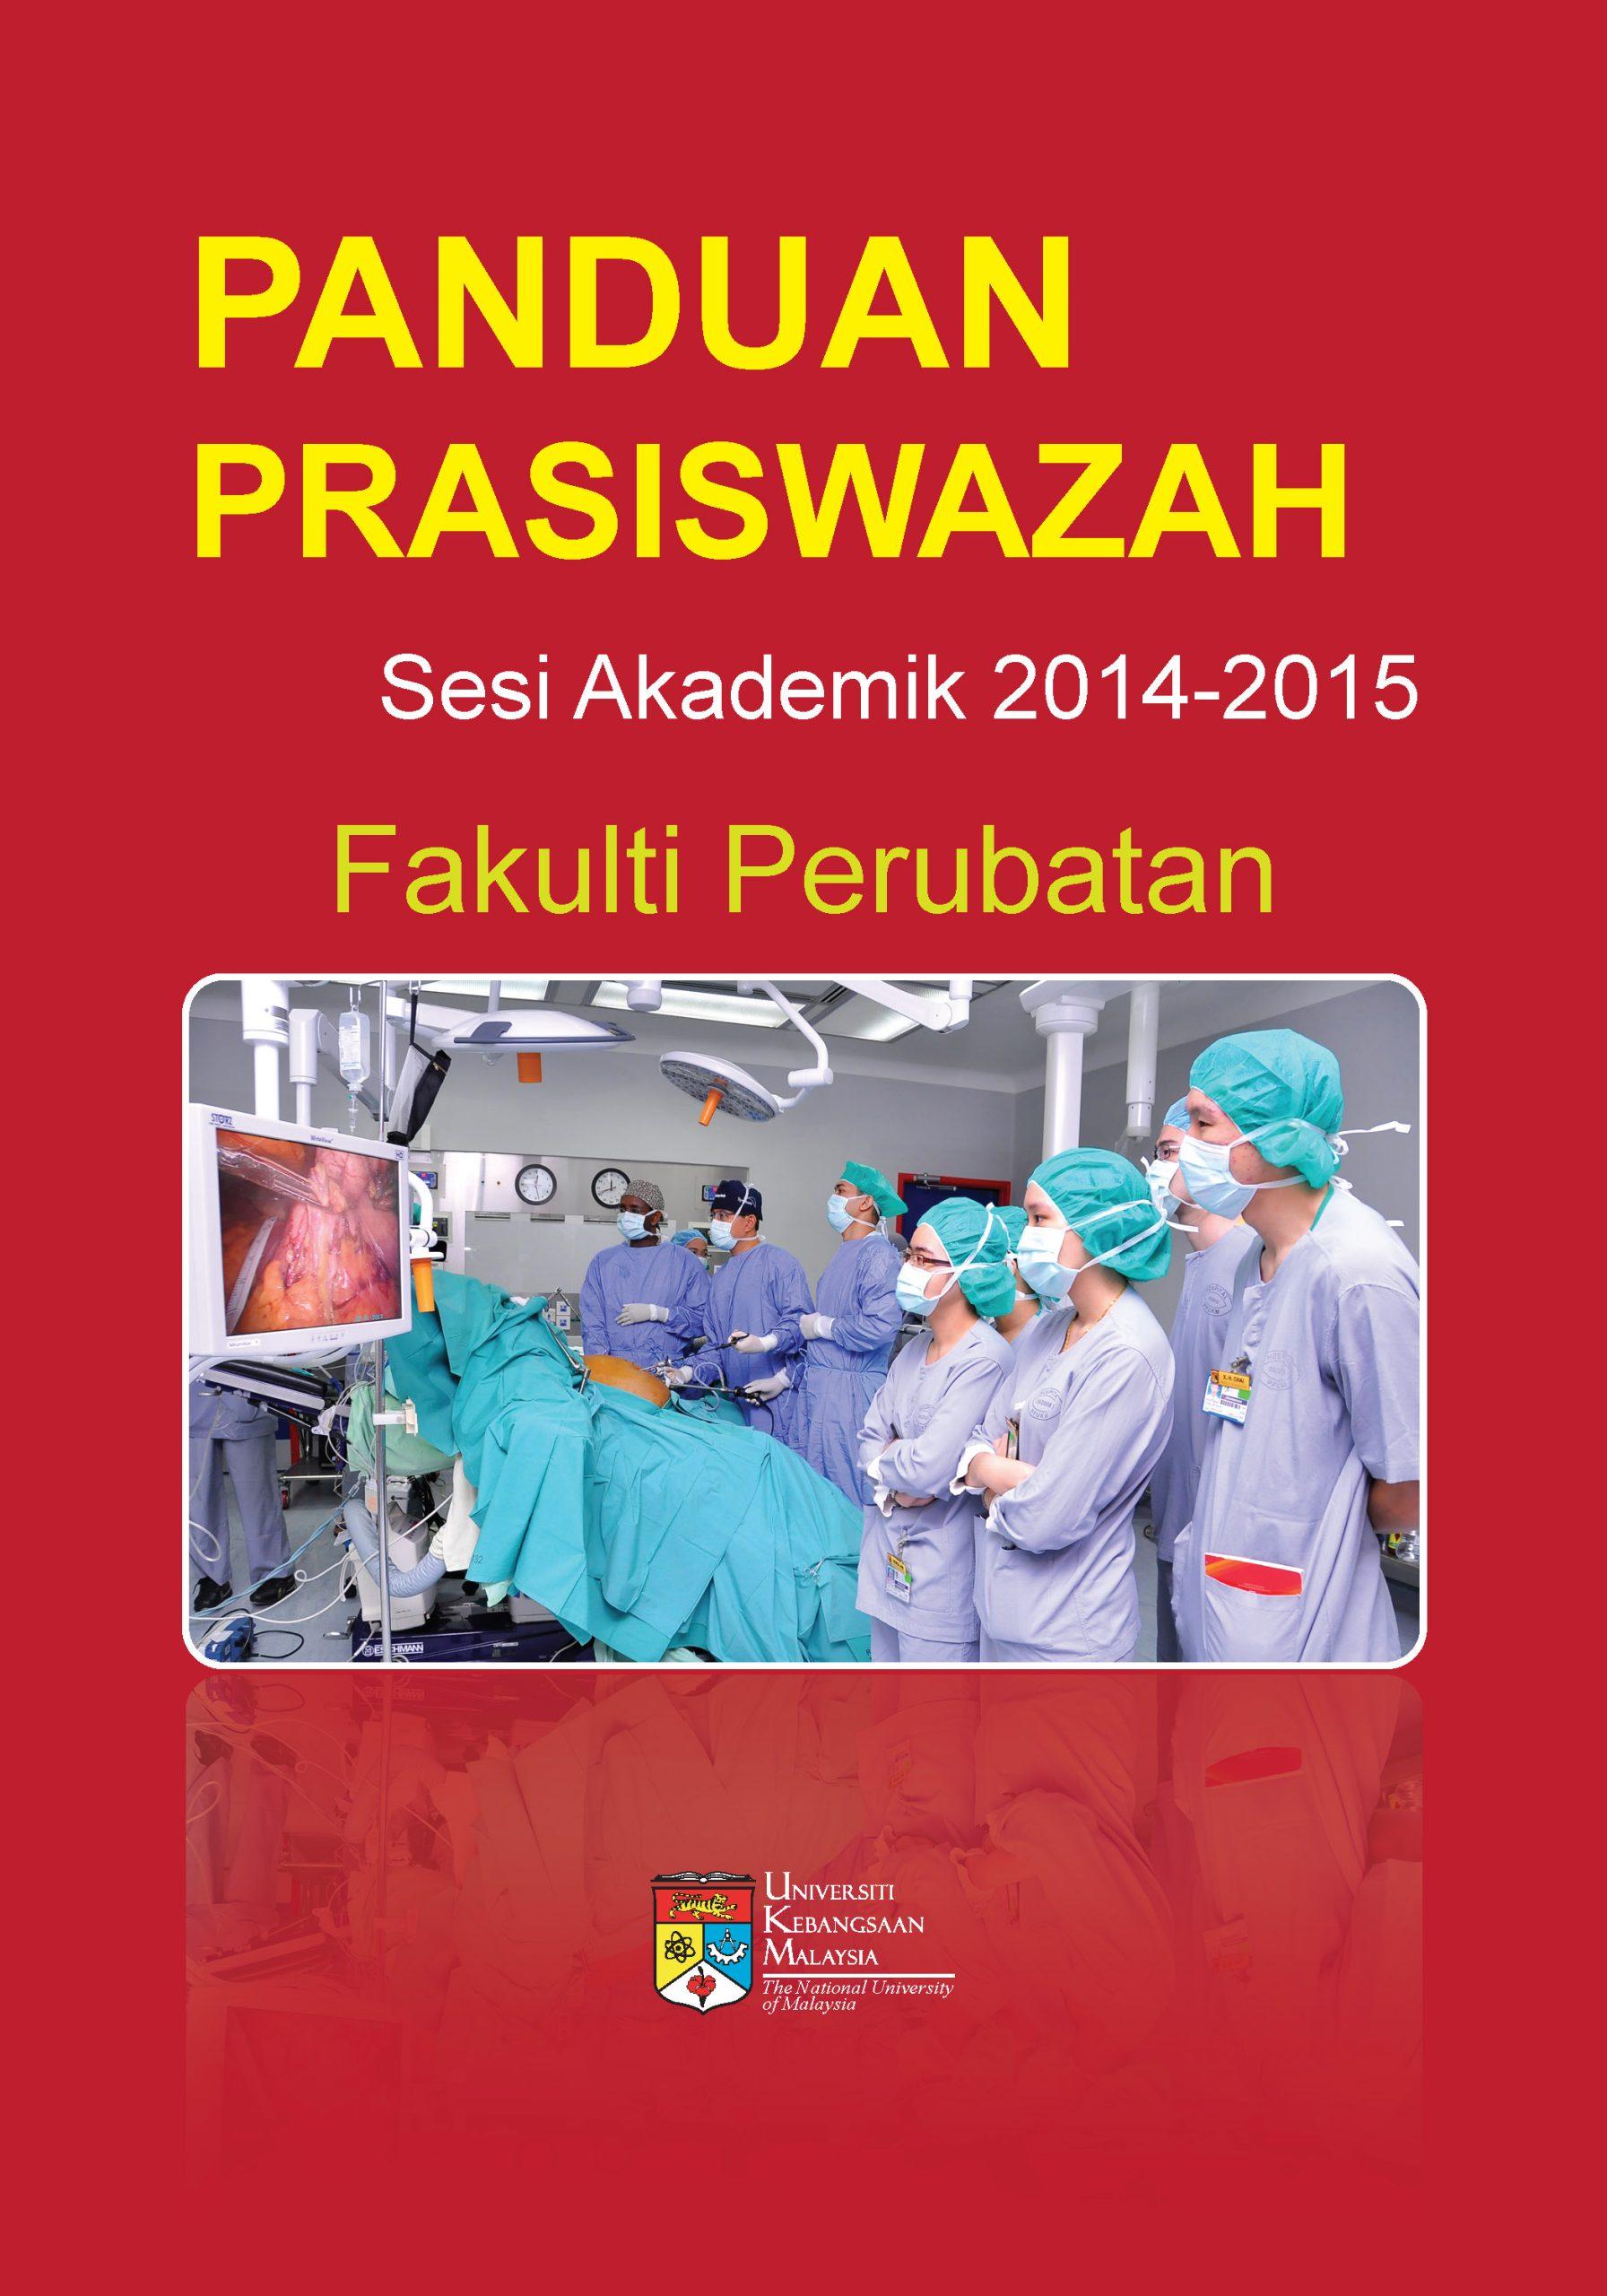 Panduan-Prasiswazah-FPER-UKM-Sesi-2014-2015_Page_001